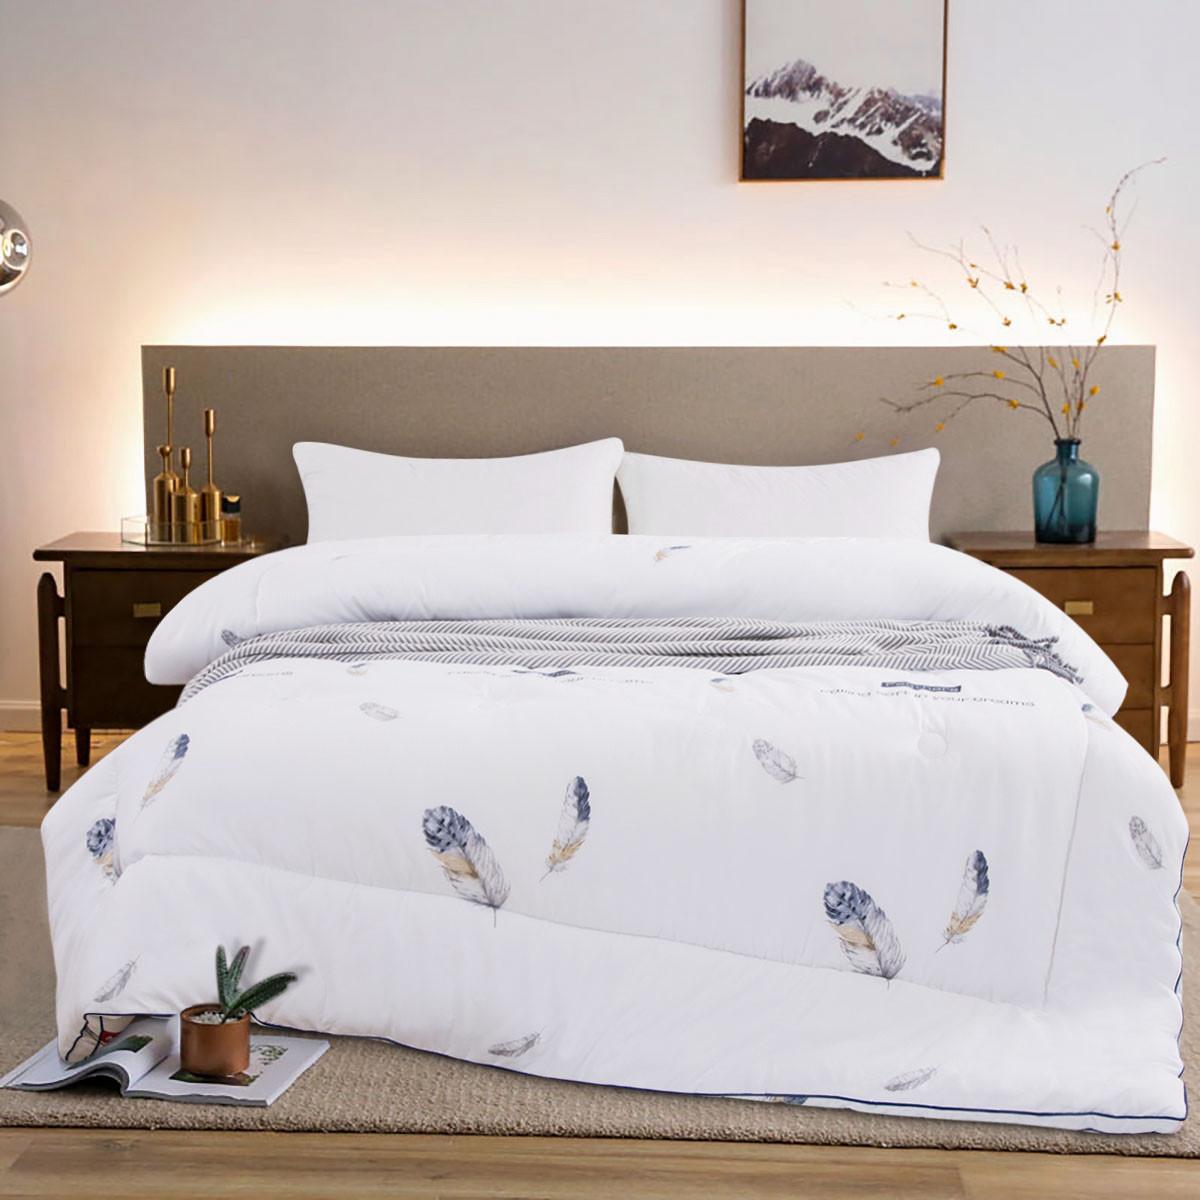 Ramada加厚冬被保暖空调被厚被子冬季床上保暖加厚冬被厚被子被芯CF171027